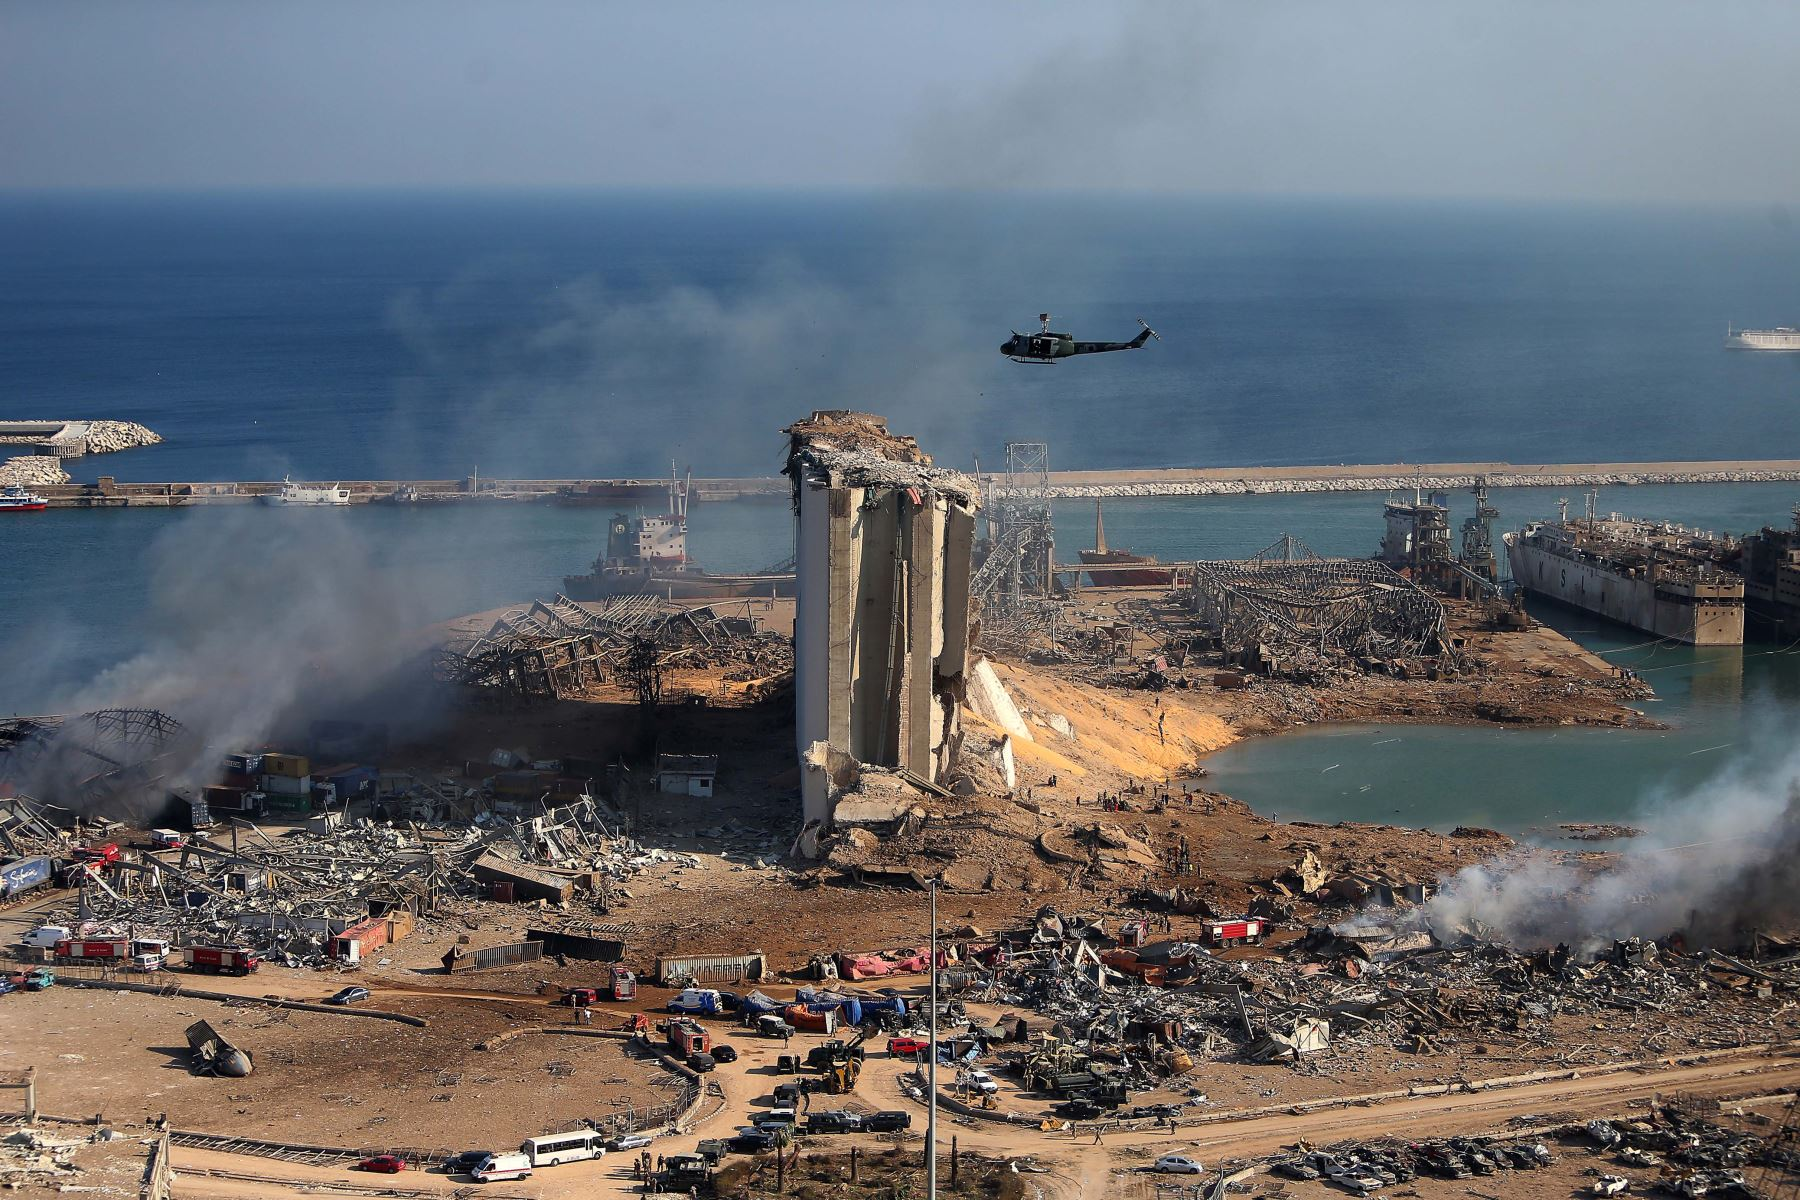 Una foto aérea muestra el impacto de la explosión en la zona del puerto de Beirut, en Líbano. Se ha reportado más de 100 muertos y alrededor de 3700 heridos. Rescatistas continúan sus labores. Foto: AFP